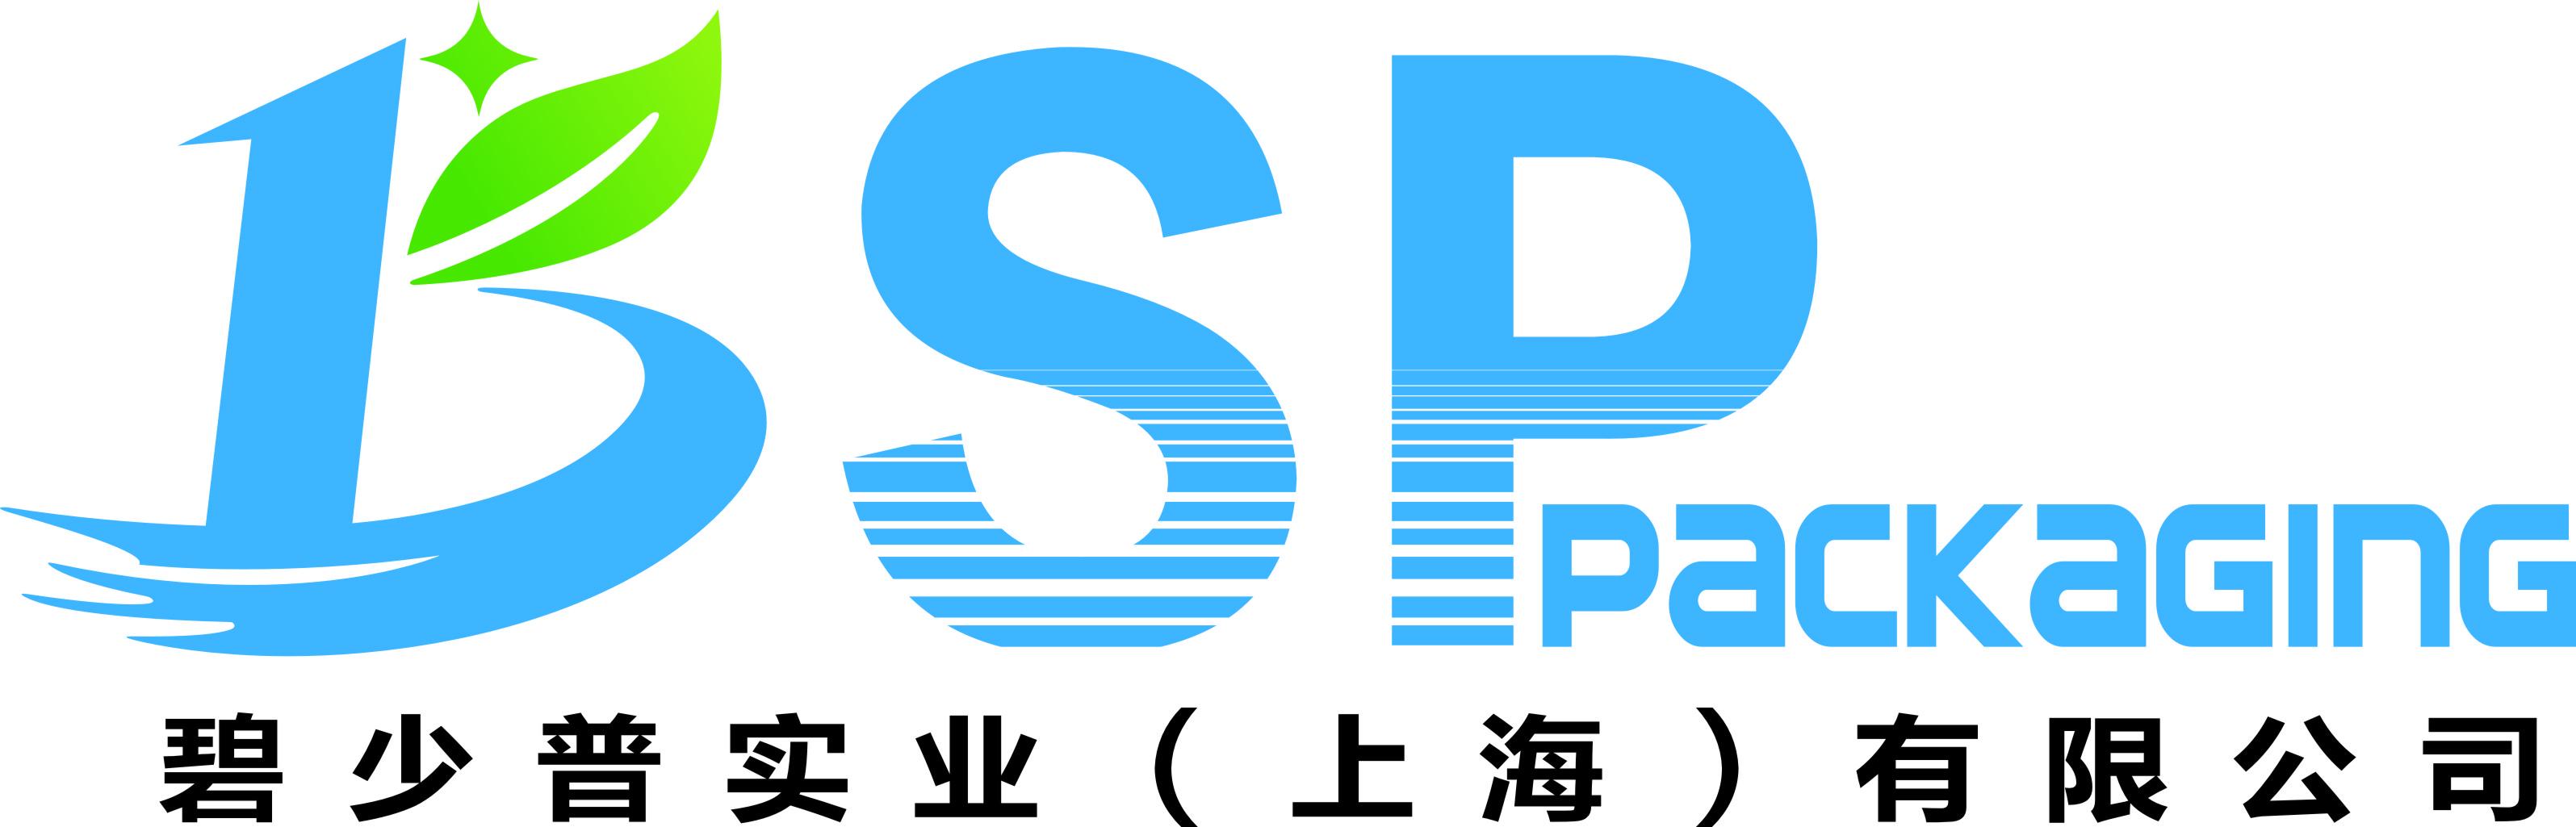 碧少普实业(上海)有限公司